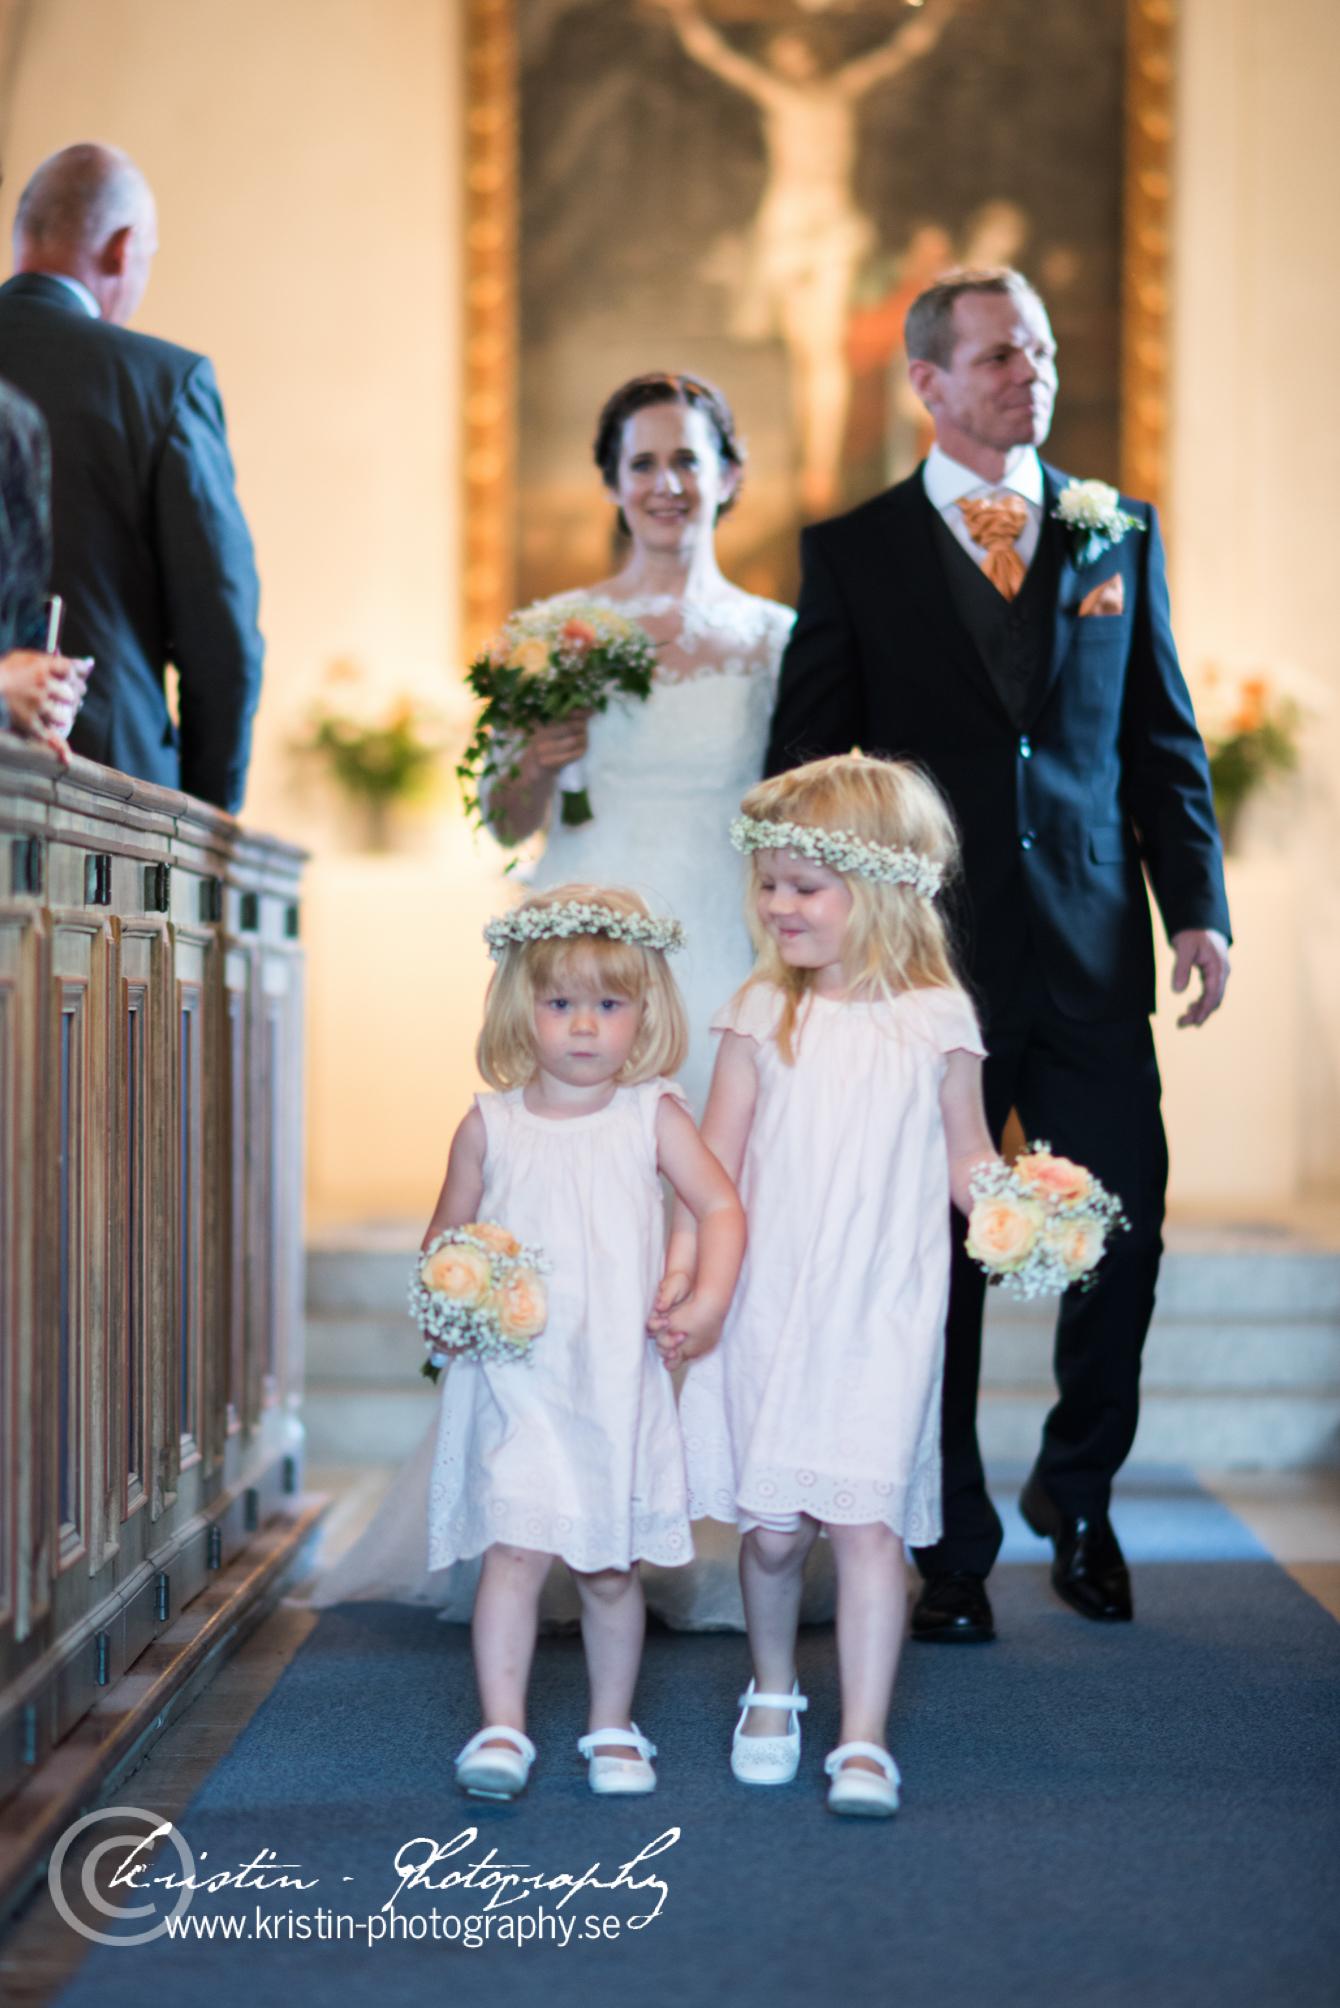 Bröllopsfotograf i Eskilstuna, Kristin - Photography, weddingphotographer -152.jpg